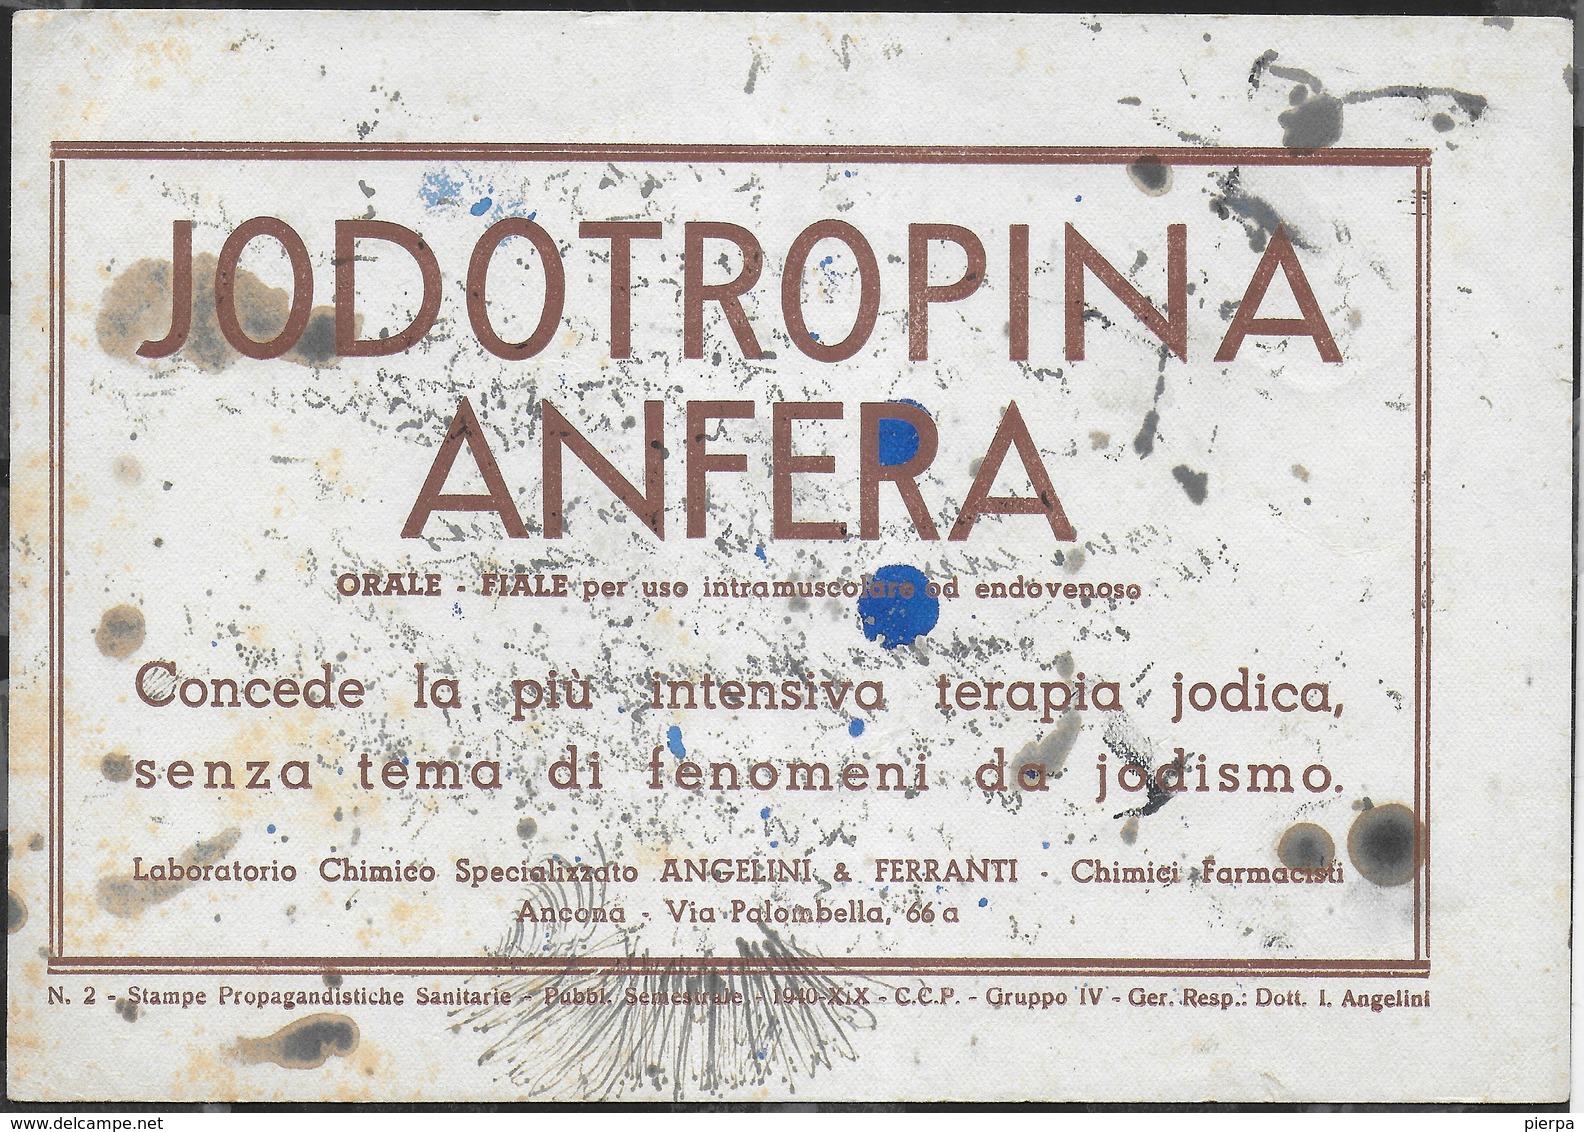 PUBBLICITA' FARMACO ANGELINI & FERRANTI - JODOTROPINA ANFERA -  SU CARTA ASSORBENTE USATA - 20,50X14,50 - Carte Assorbenti